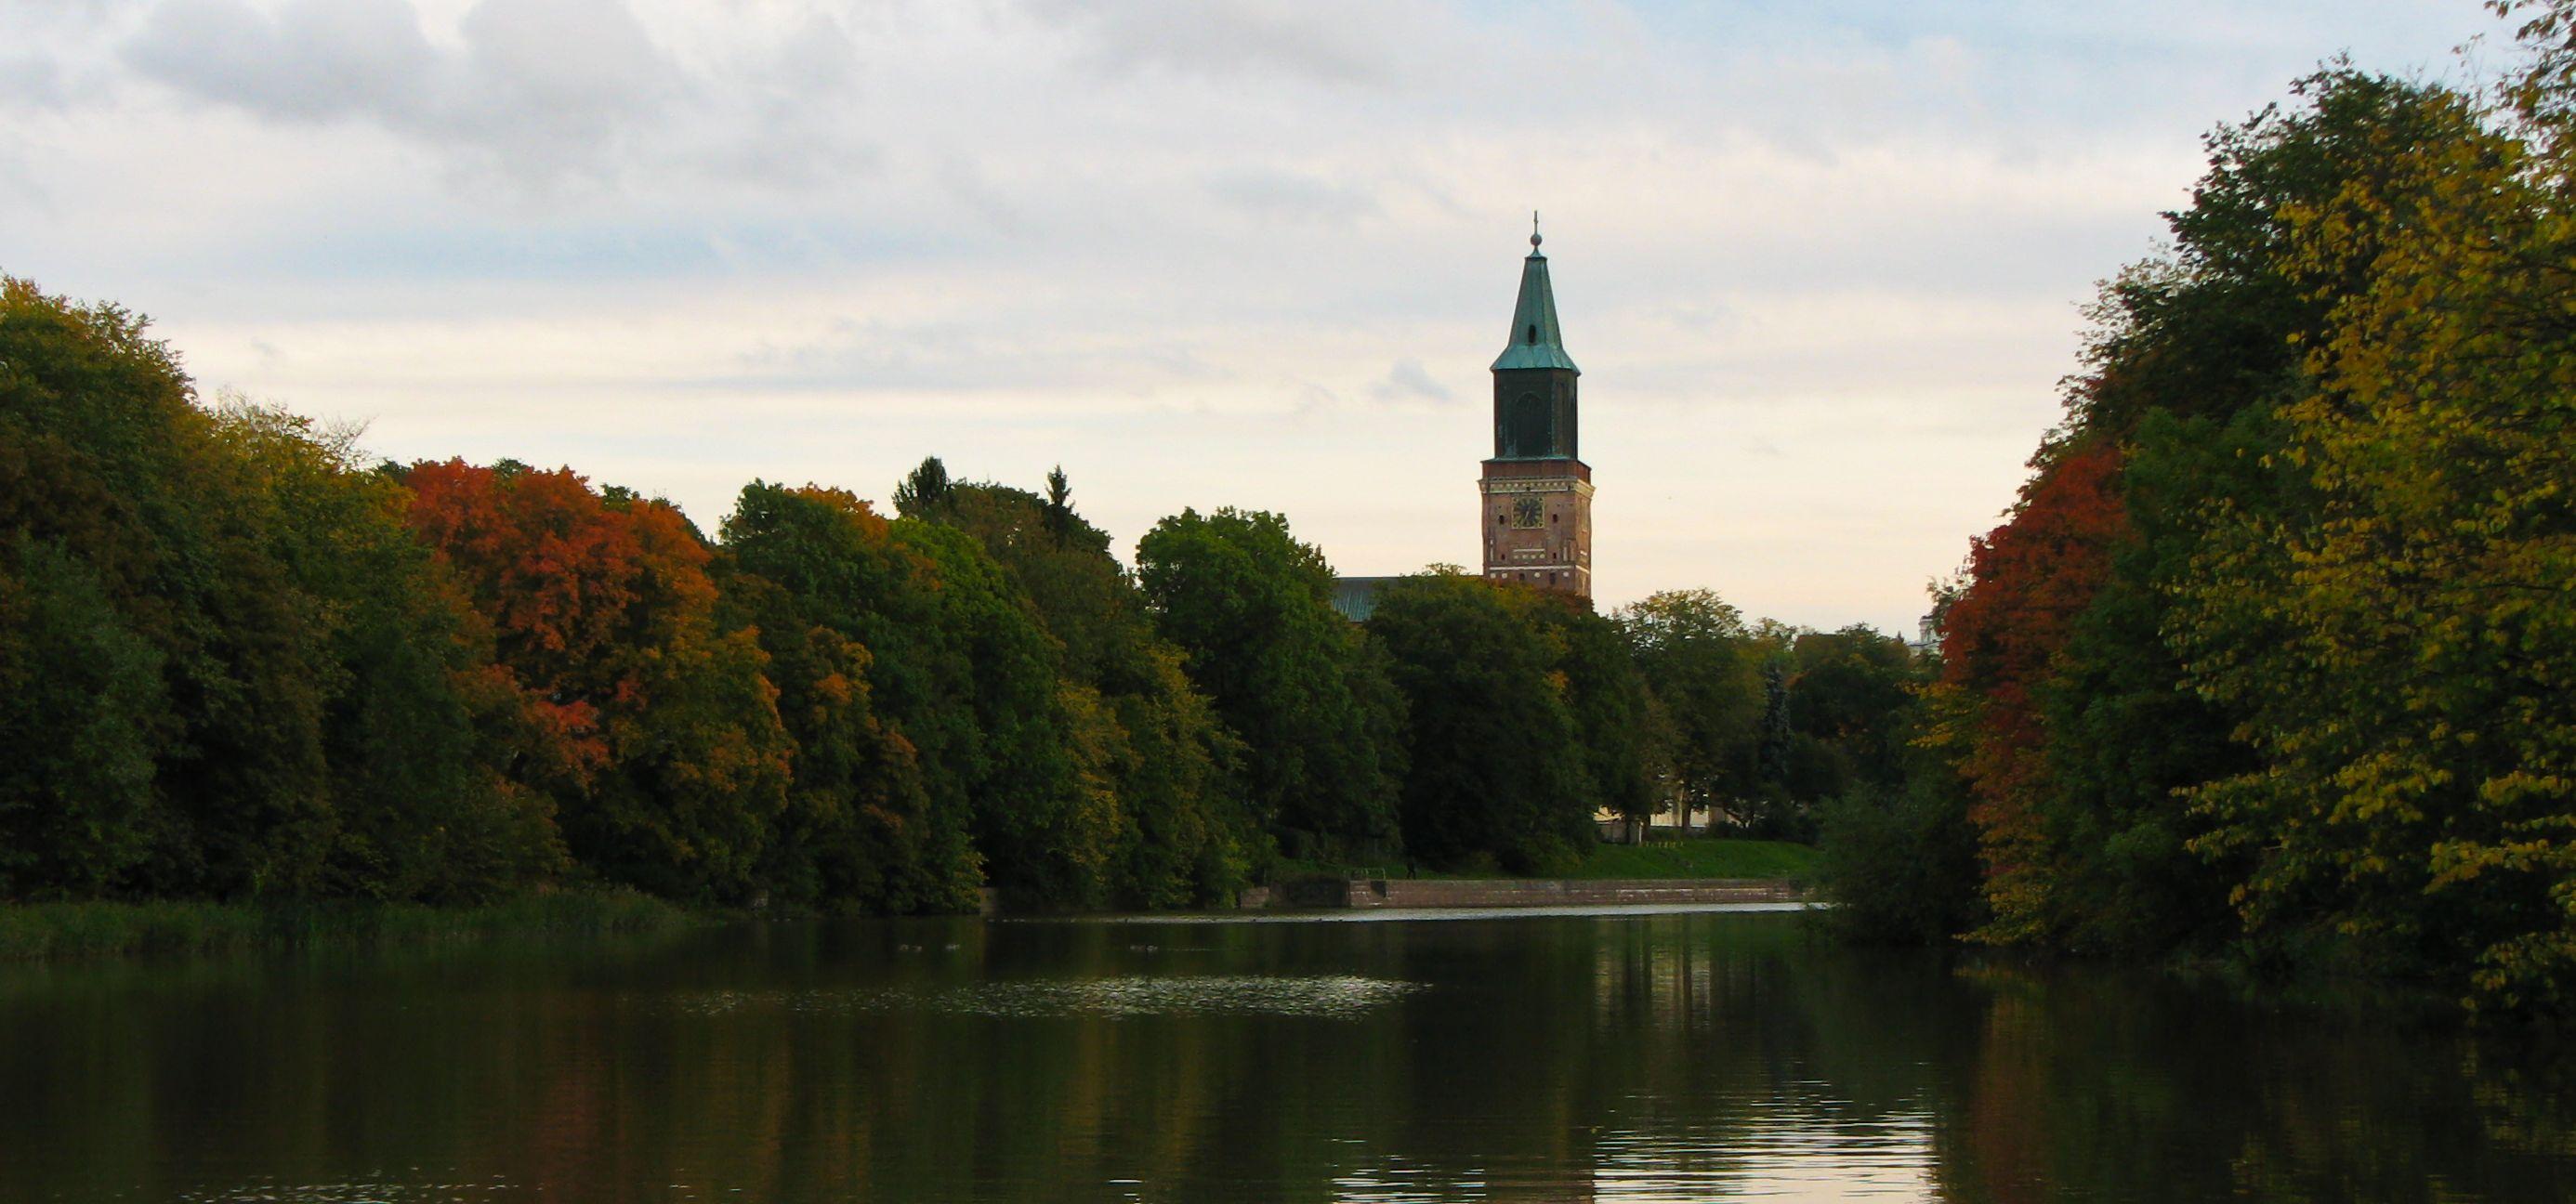 Historiantutkimuksen päivät 19.-21.10.2017 Turussa